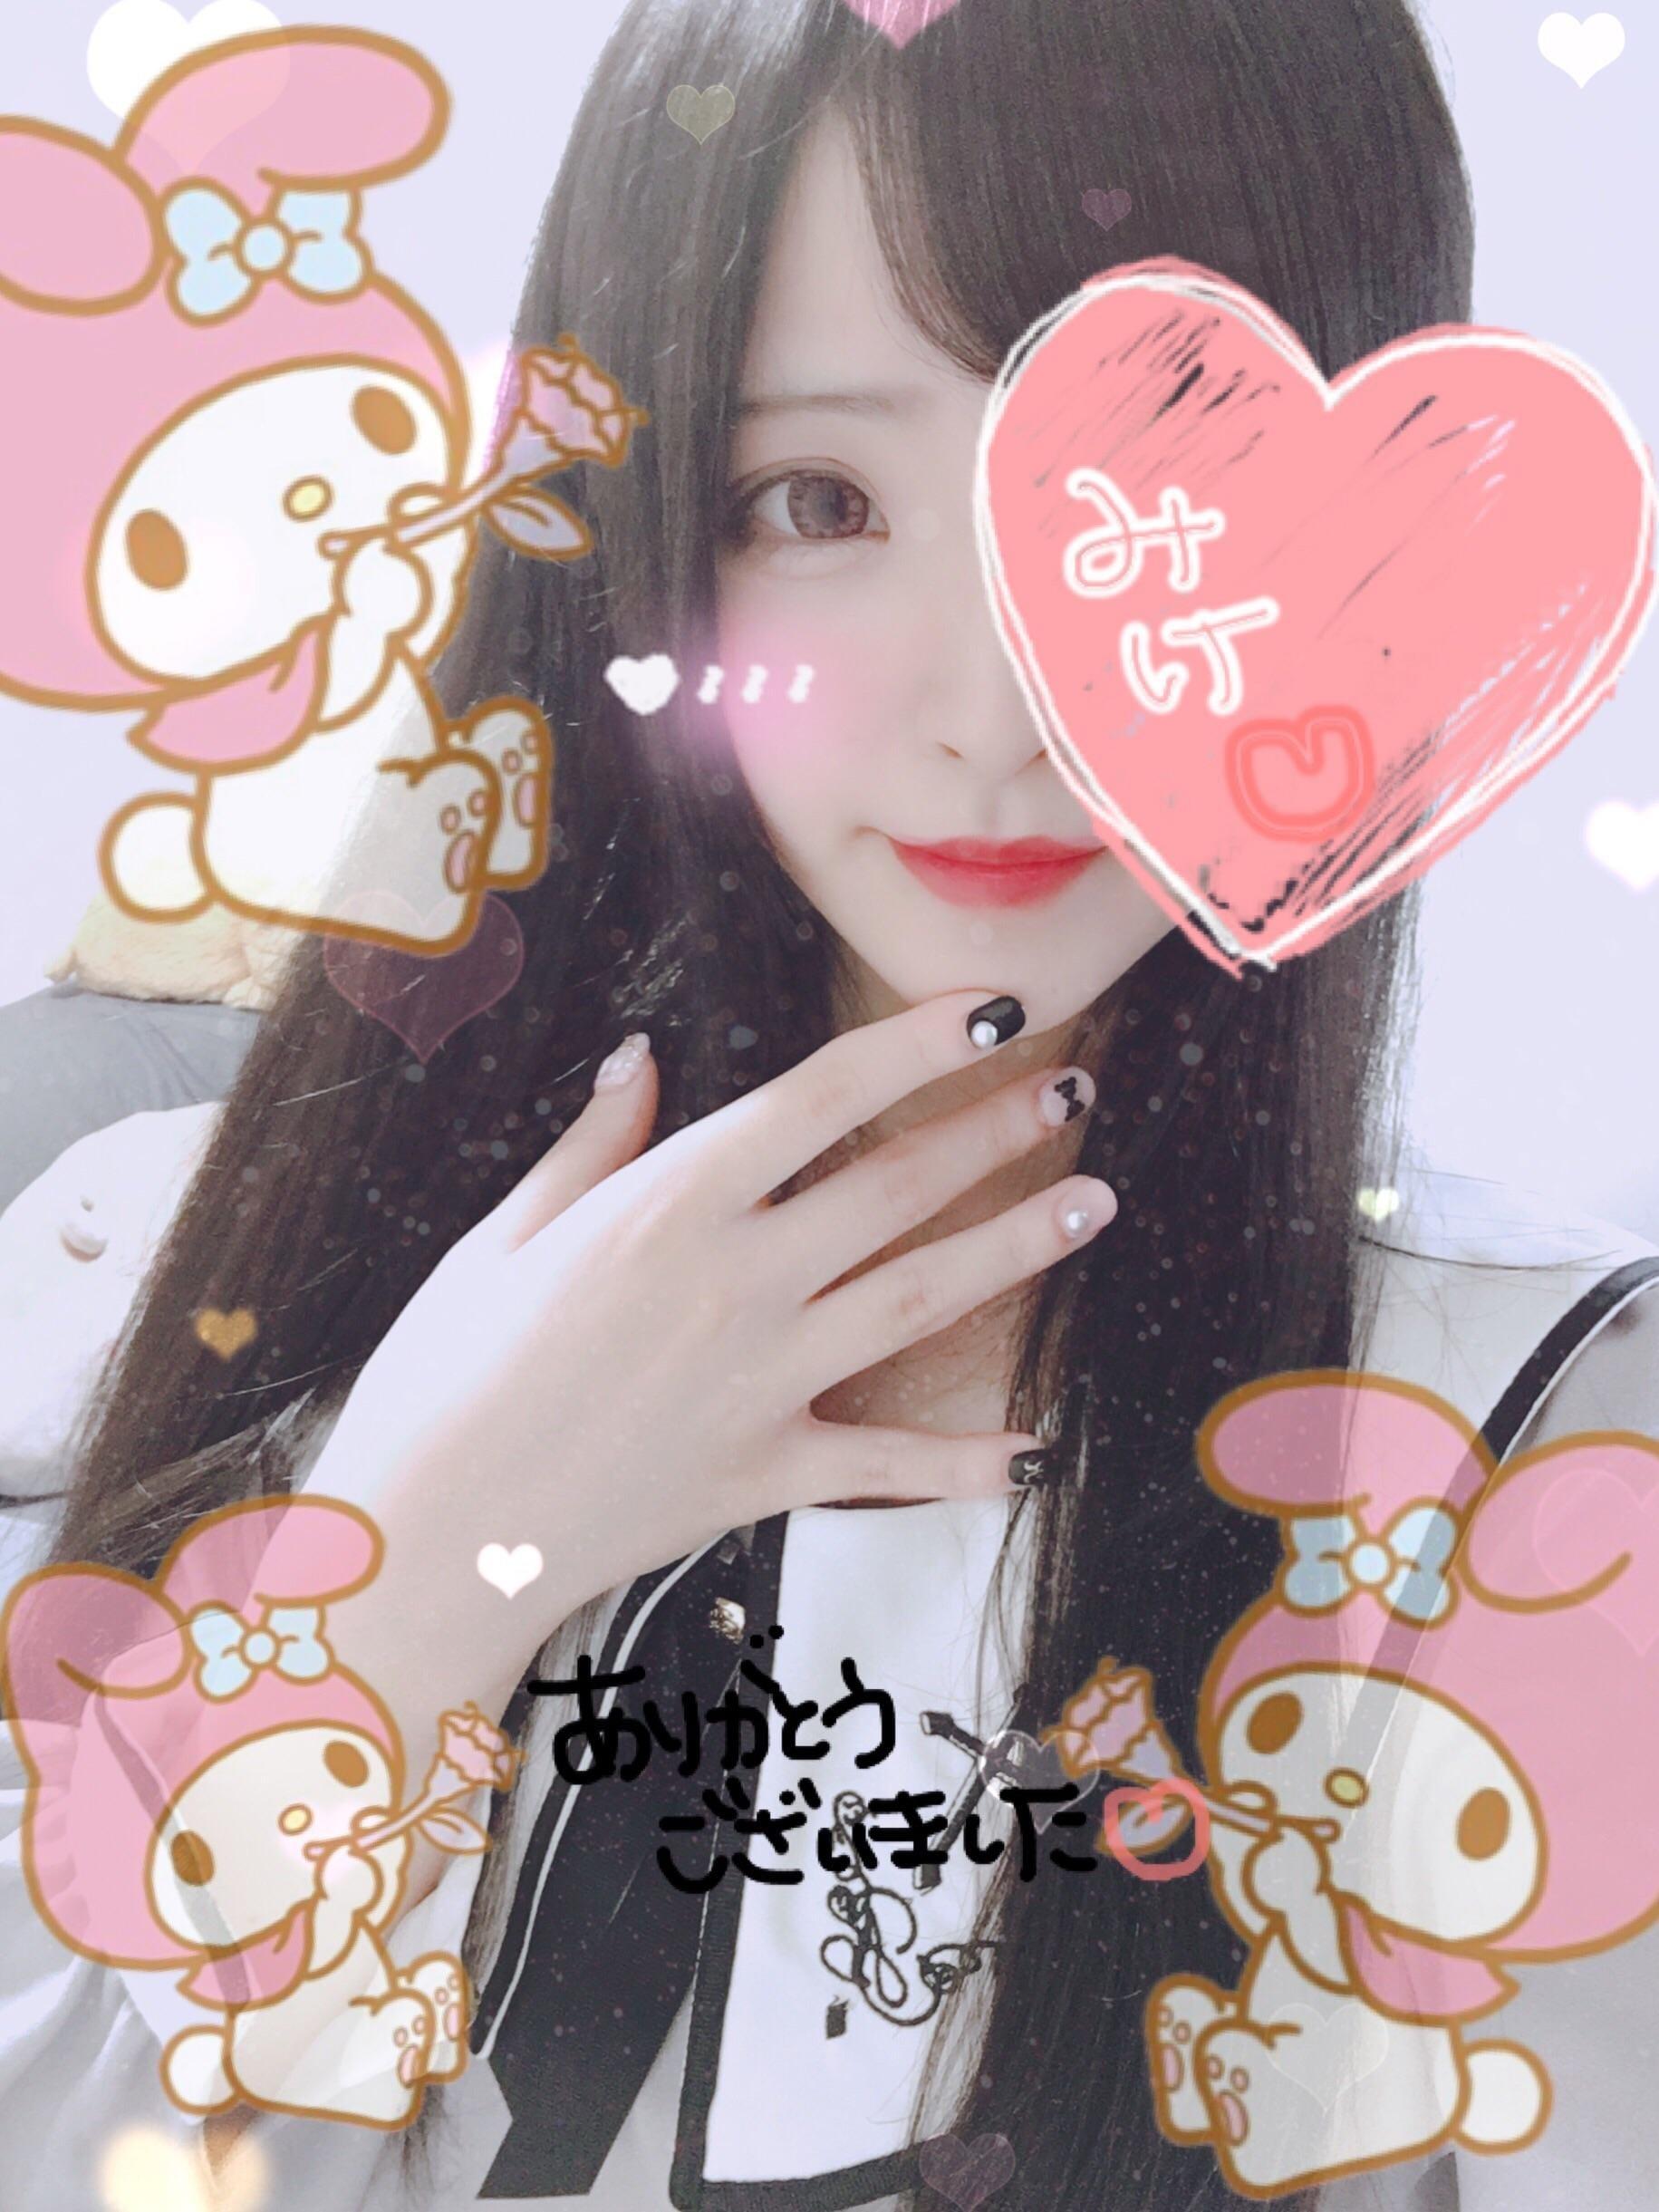 「お礼ᕱ⋈ᕱKさん」06/20(水) 13:27 | みけの写メ・風俗動画